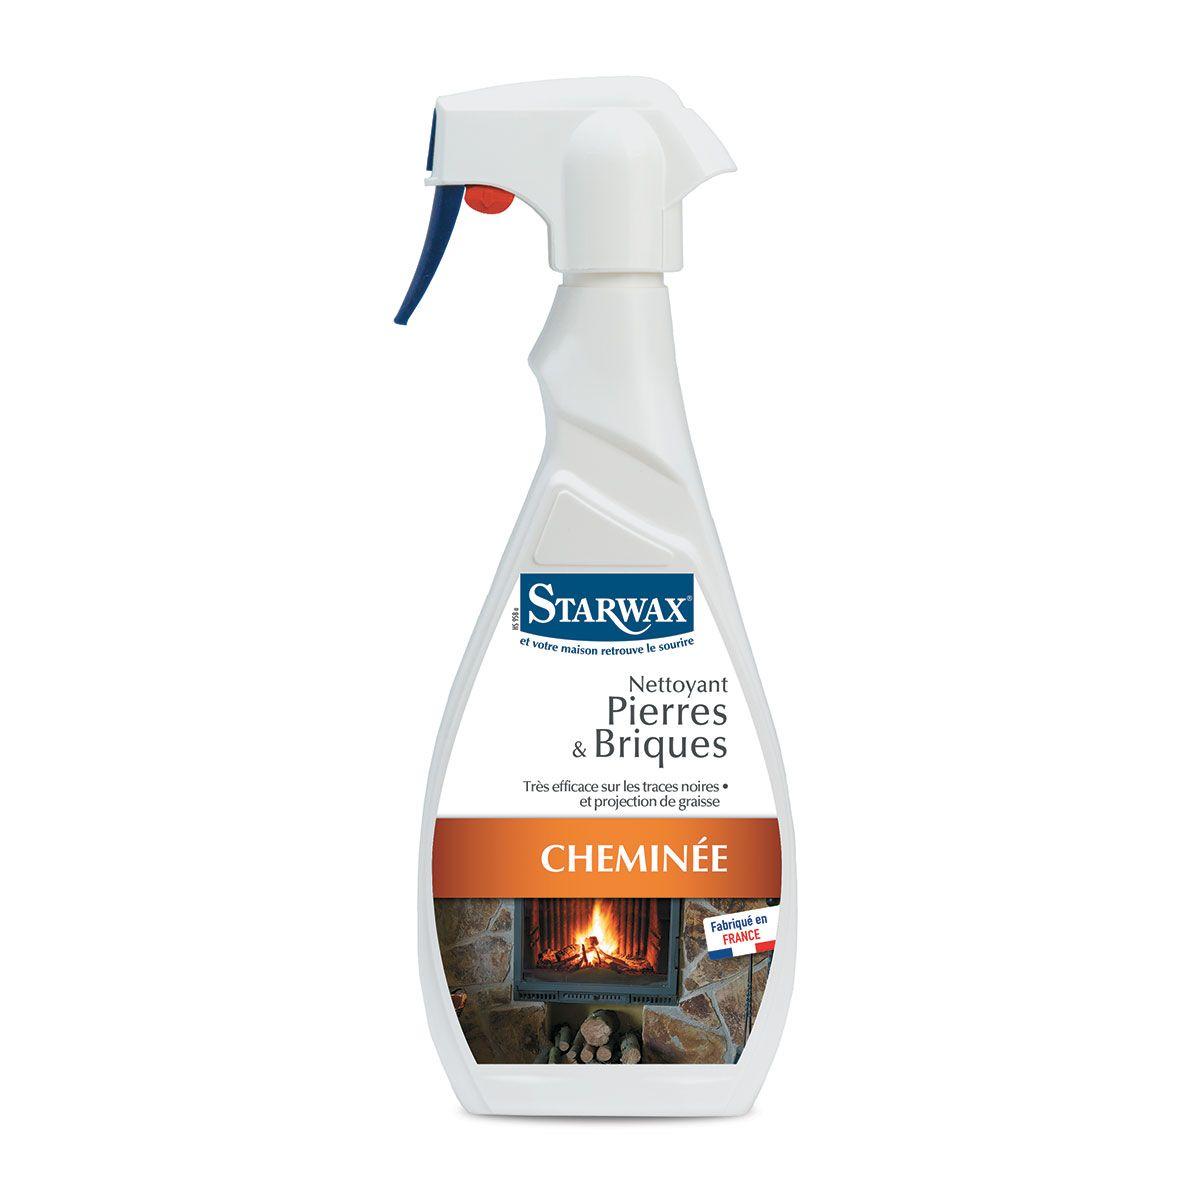 Nettoyant pour pierres et briques de cheminée et barbecue – Starwax